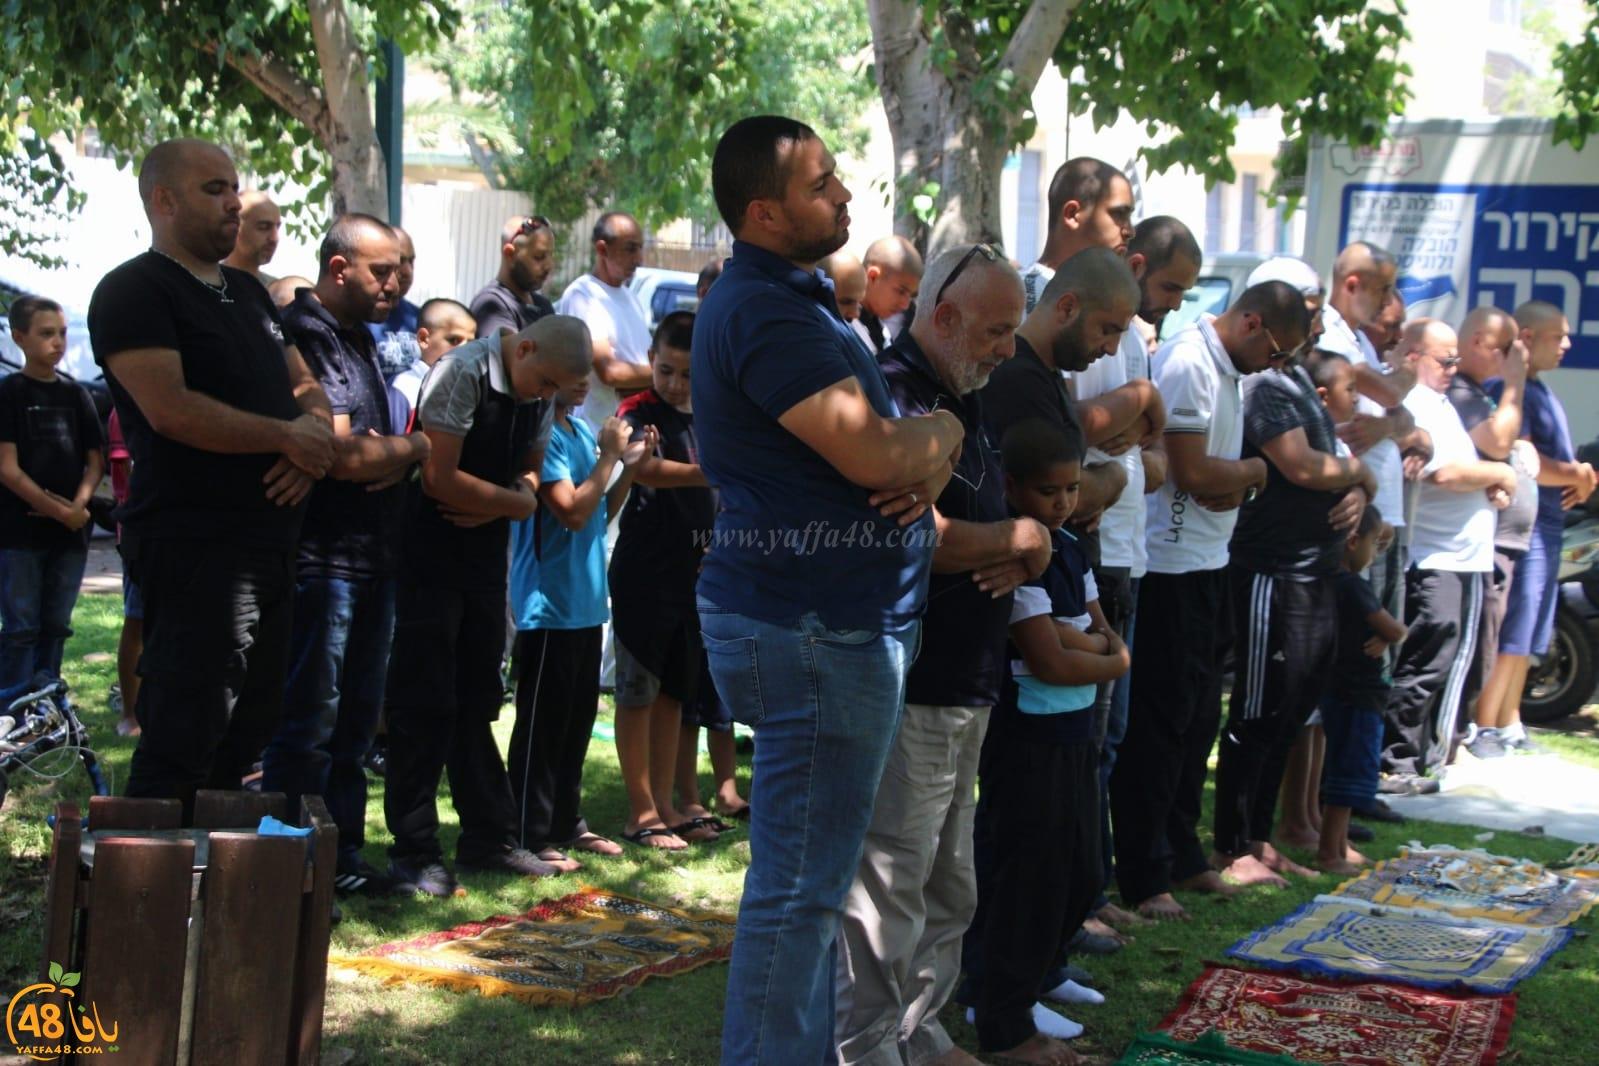 فيديو: صلاة جمعة حاشدة بحديقة العجمي في يافا استنكاراً لاعتداءات الشرطة المتكررة